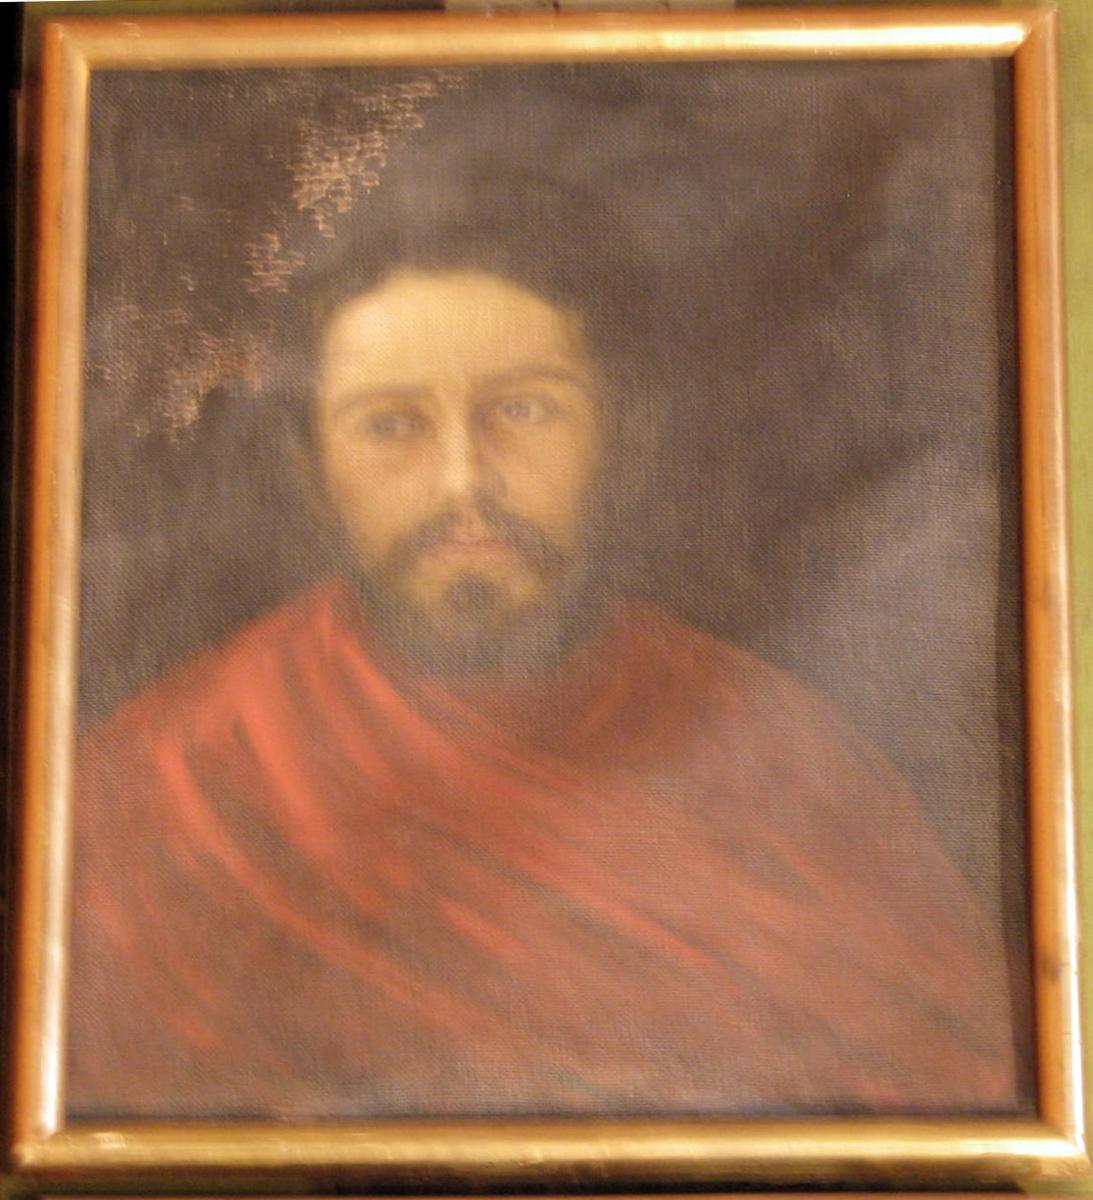 Rektangulært. Mannsportrett; brystbilde, ansikt frontalt, mørkt hår og skjegg; rødt draperi over brystet; mørk bakgr.